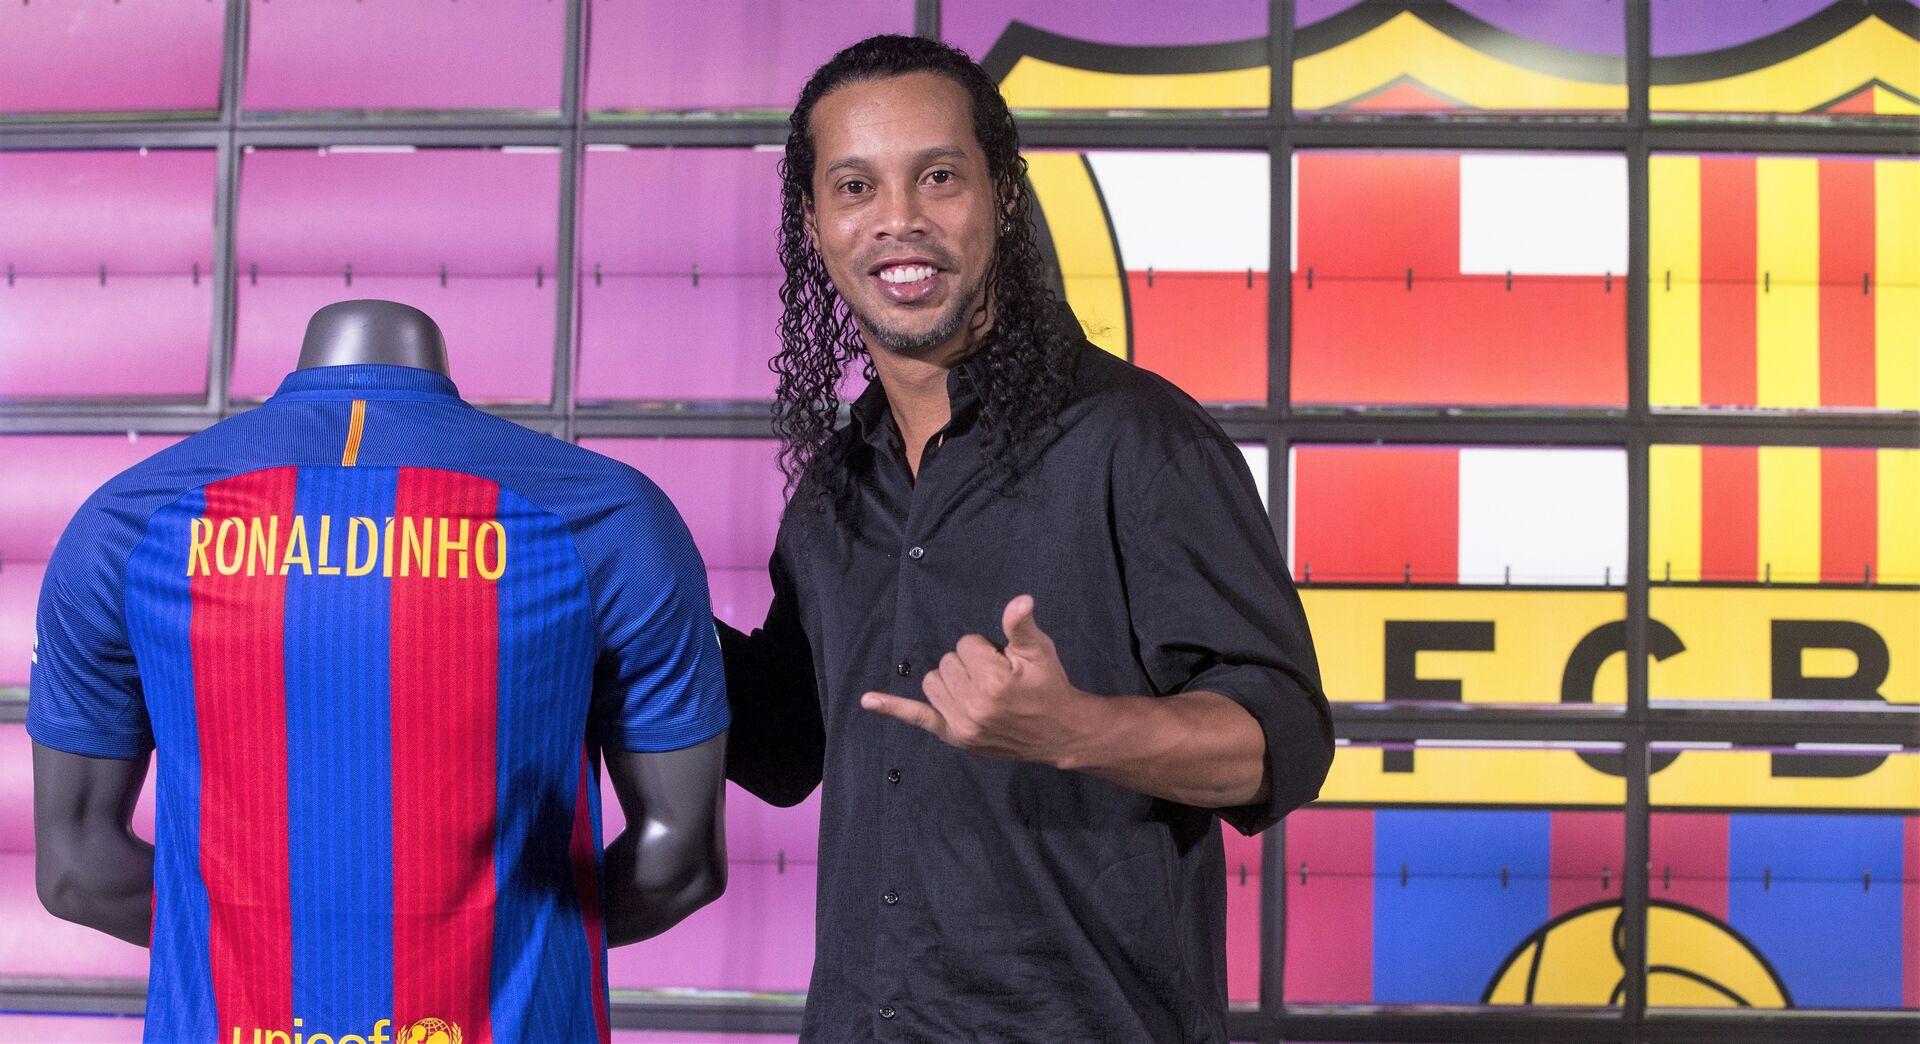 Ronaldinho rechazó a Manchester United para firmar con Barcelona; Paul Scholes revela que por este motivo lo pateaban en los juegos